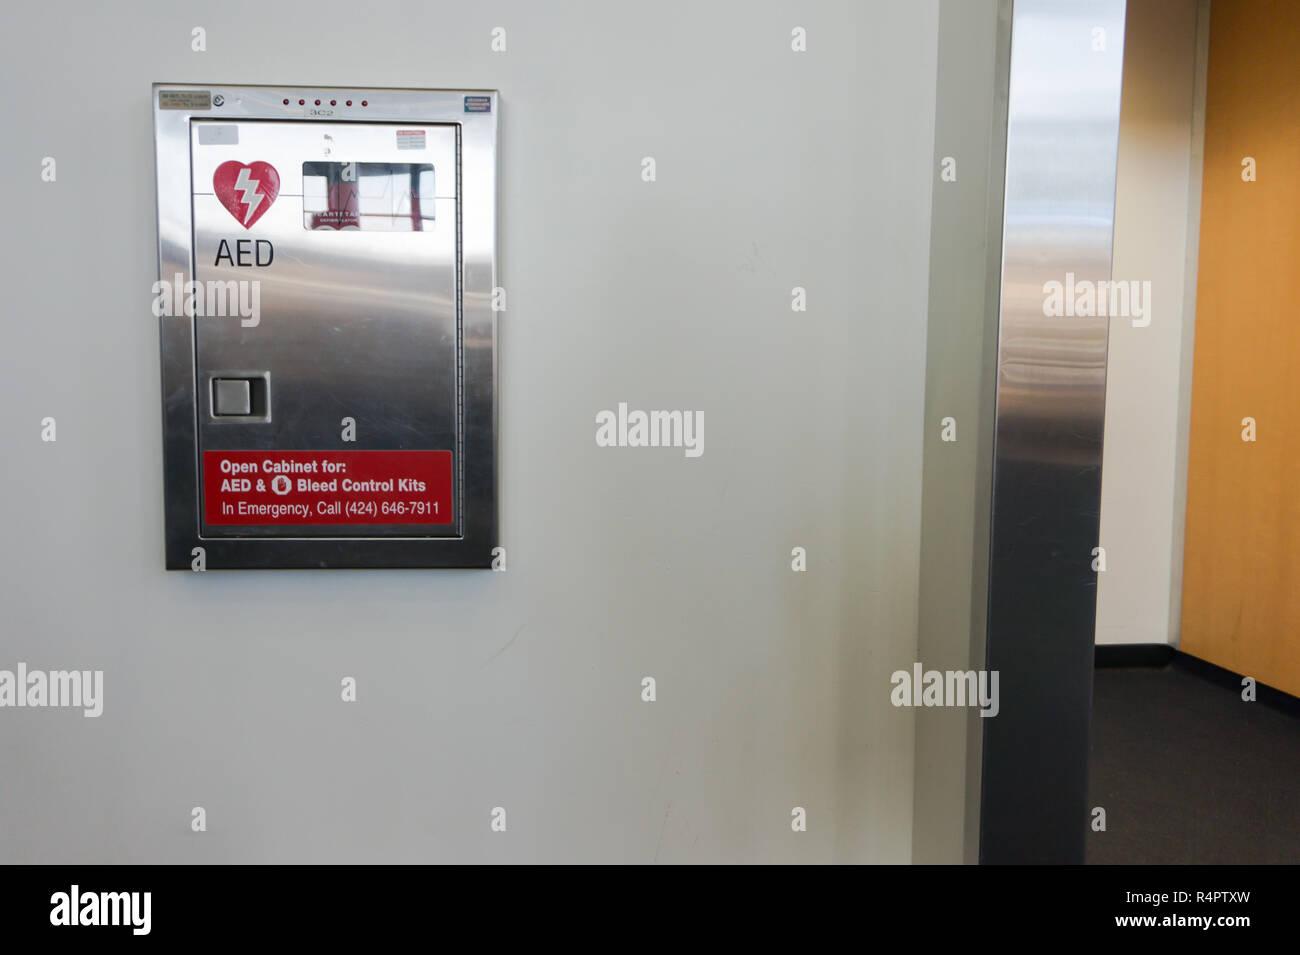 fdfbb9576 Kits de control de purga y otros suministros de emergencia en la terminal  del aeropuerto internacional